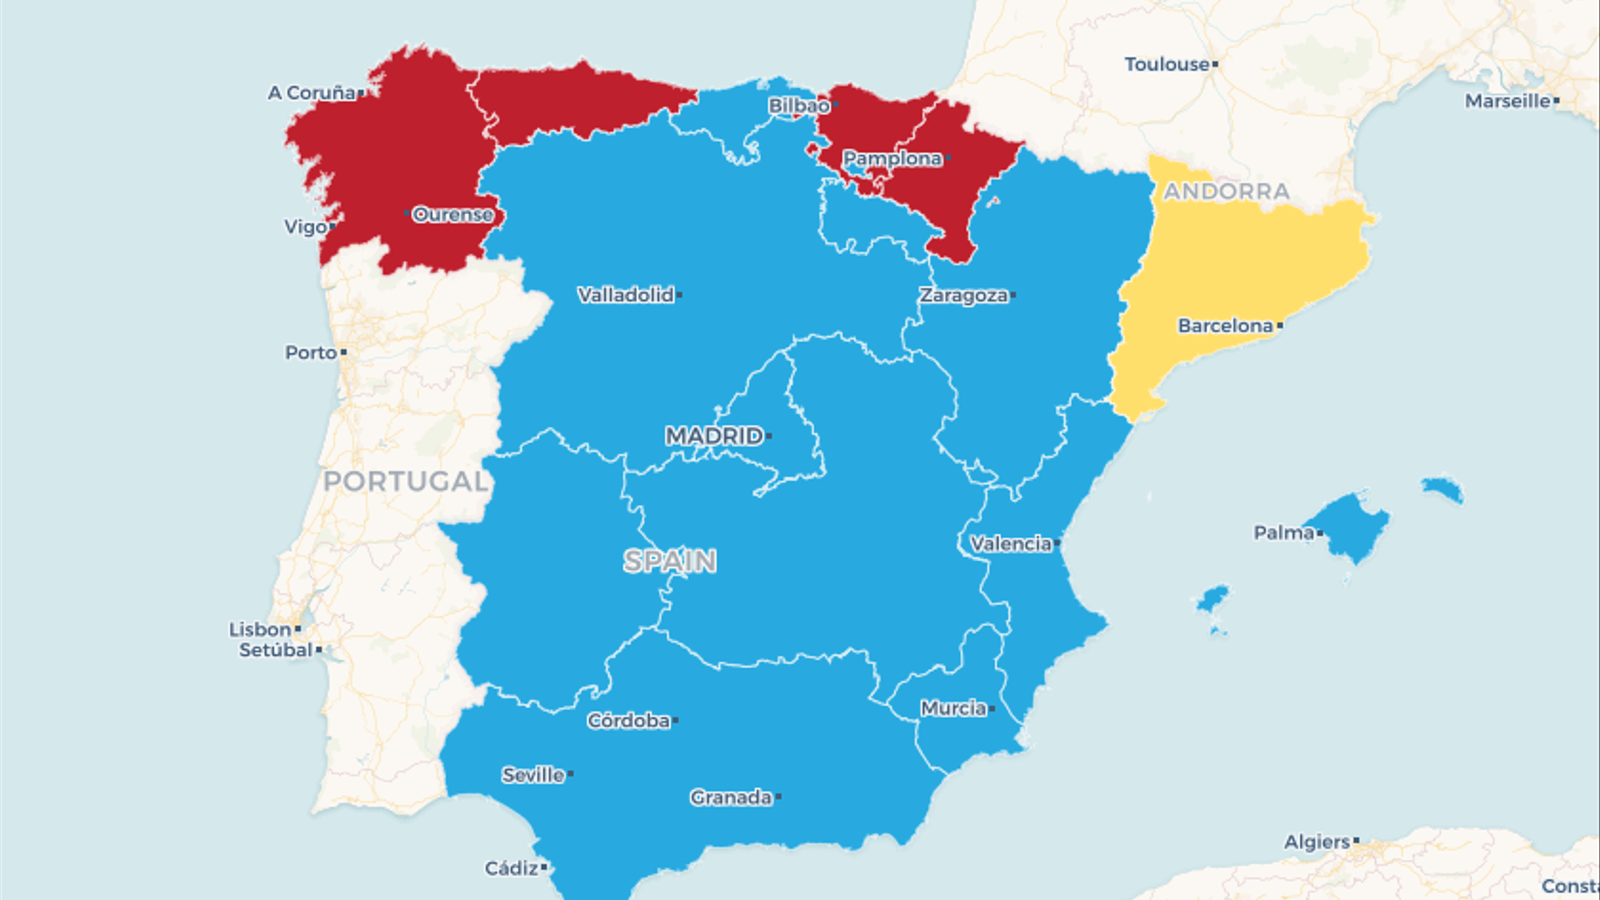 Mapa Interactiu Provincies Espanya.Mapes Interactius Els Resultats Dels Grans Blocs Per Comunitats I Per Provincies